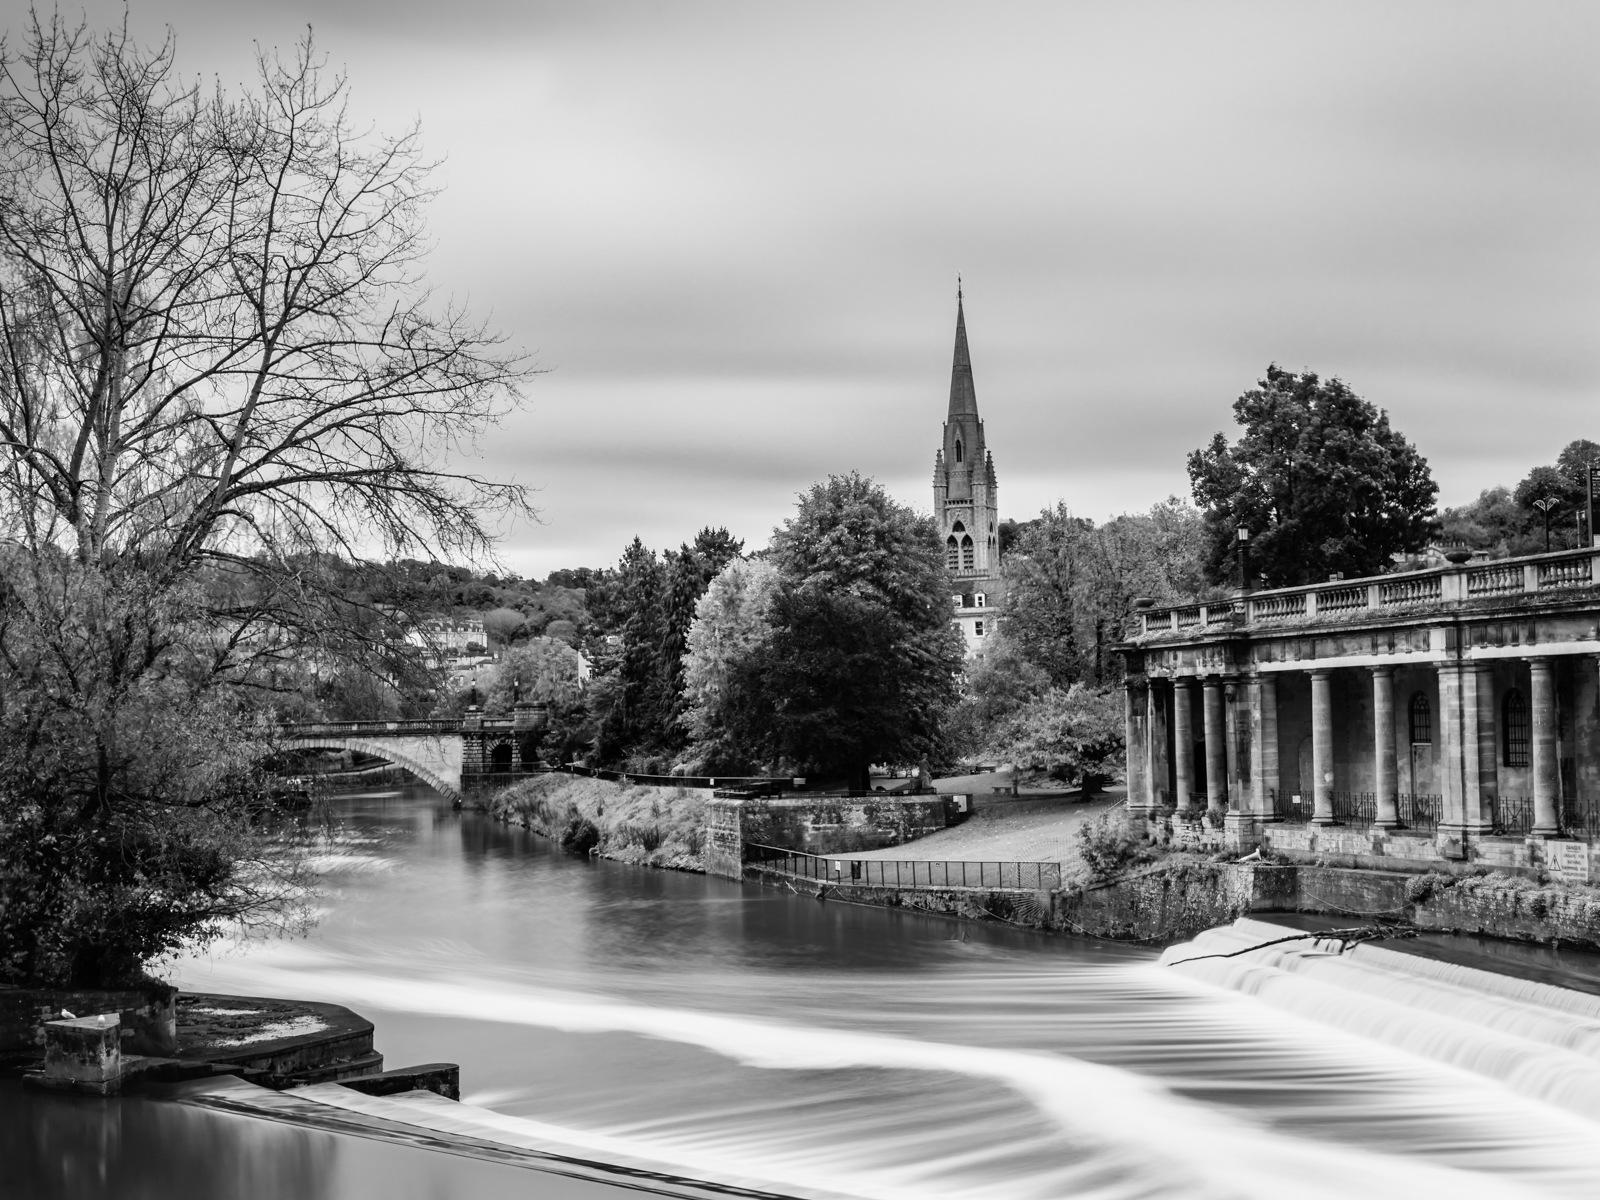 Bath Side Walk View by Paul Dyer